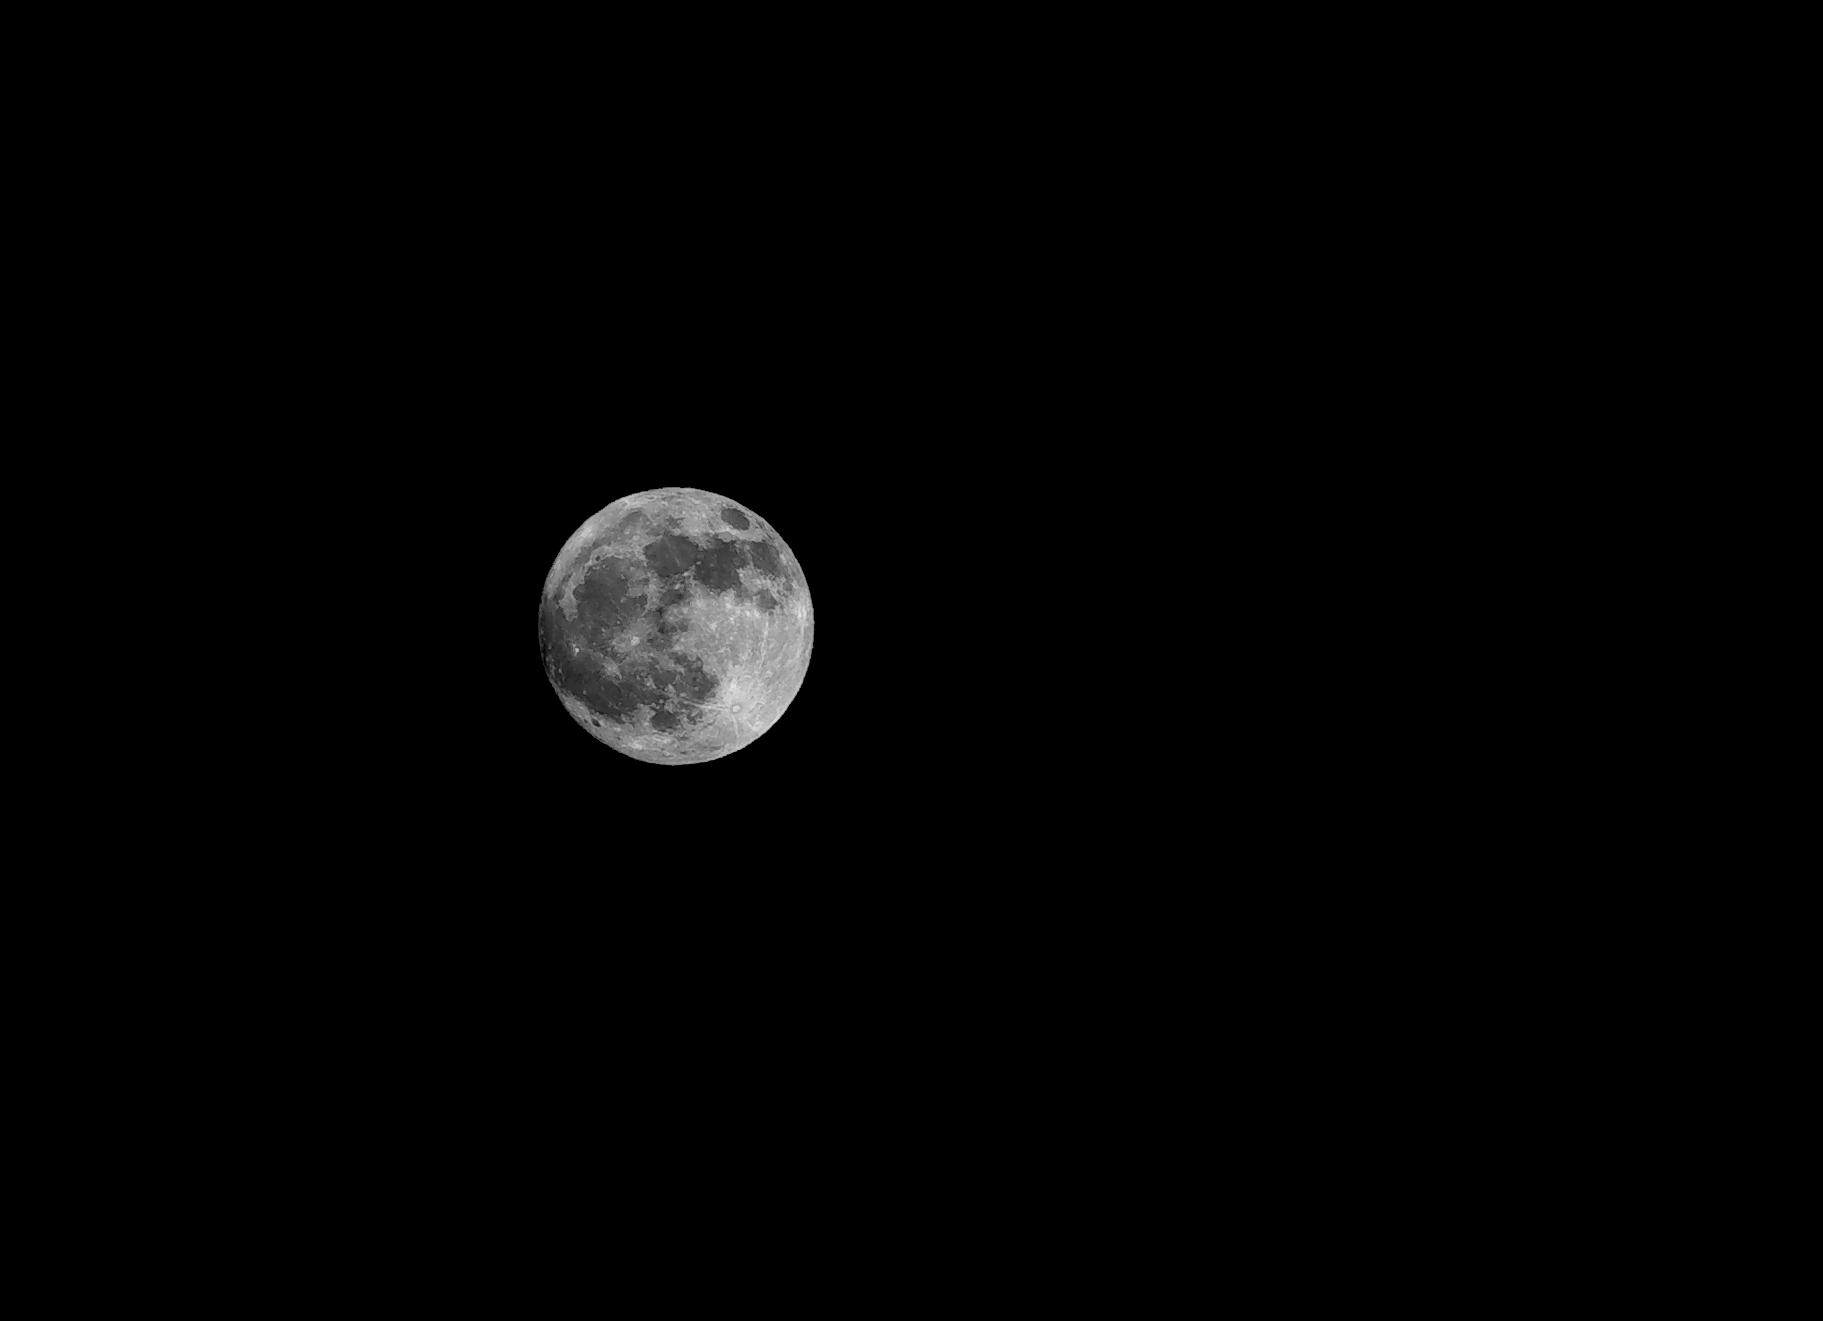 lune du 3 12 2019 Lune1010